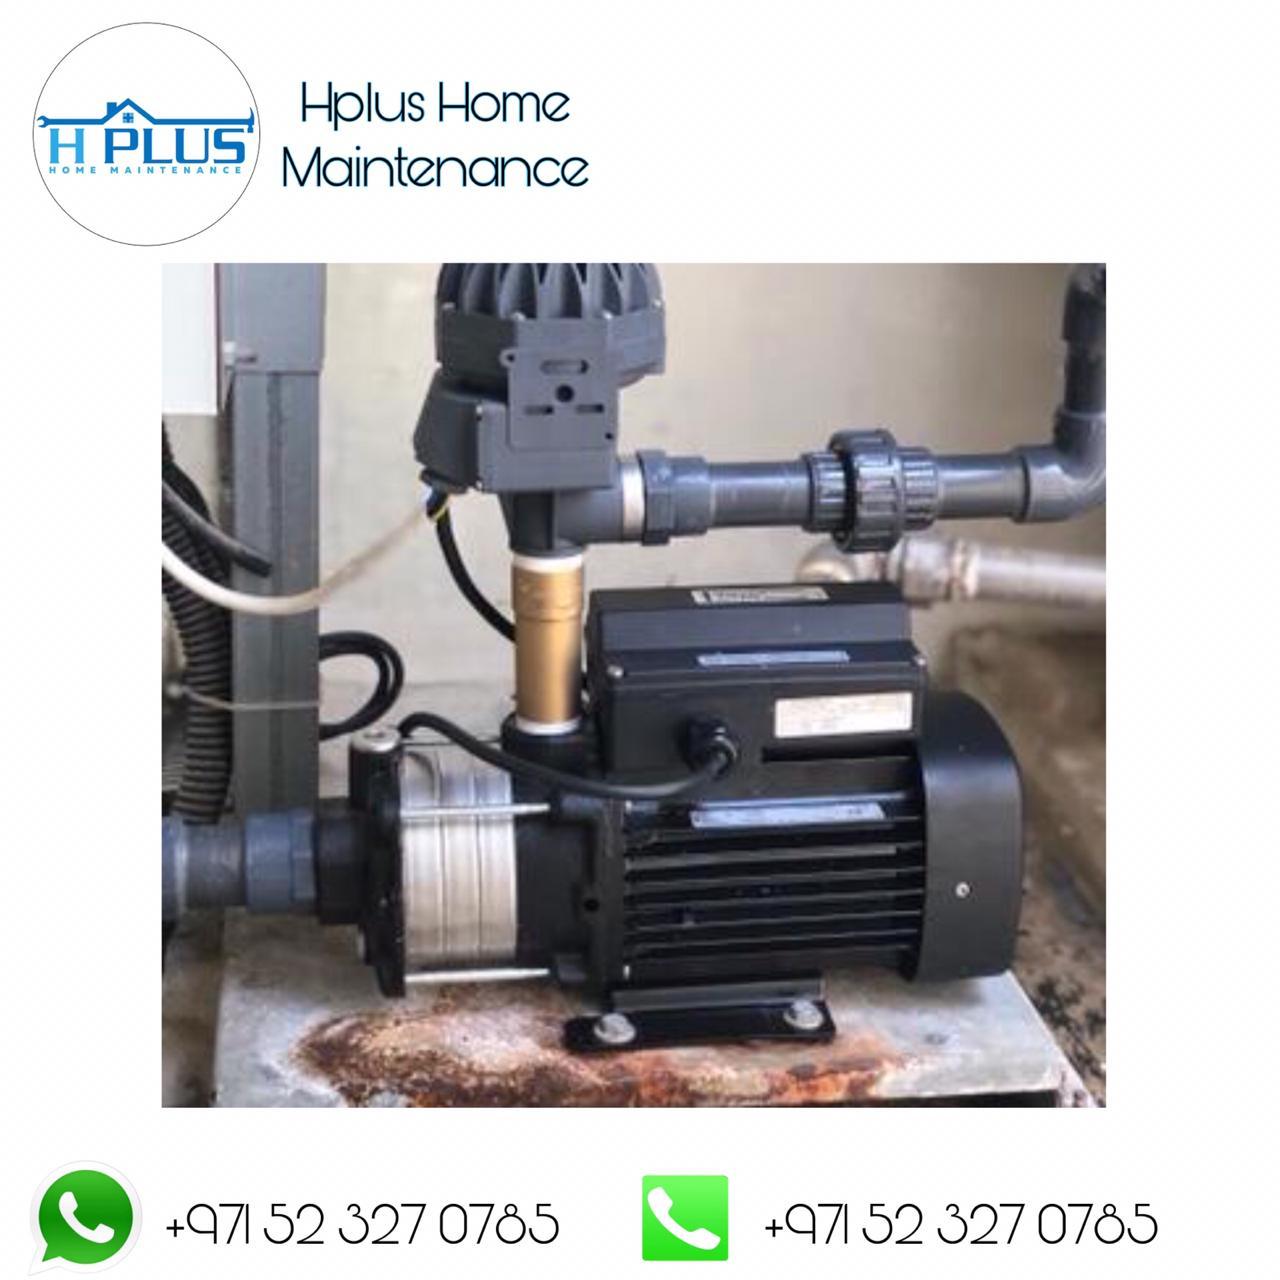 WhatsApp Image 2020-11-24 at 7.49.36 PM (1) - Copy.jpeg